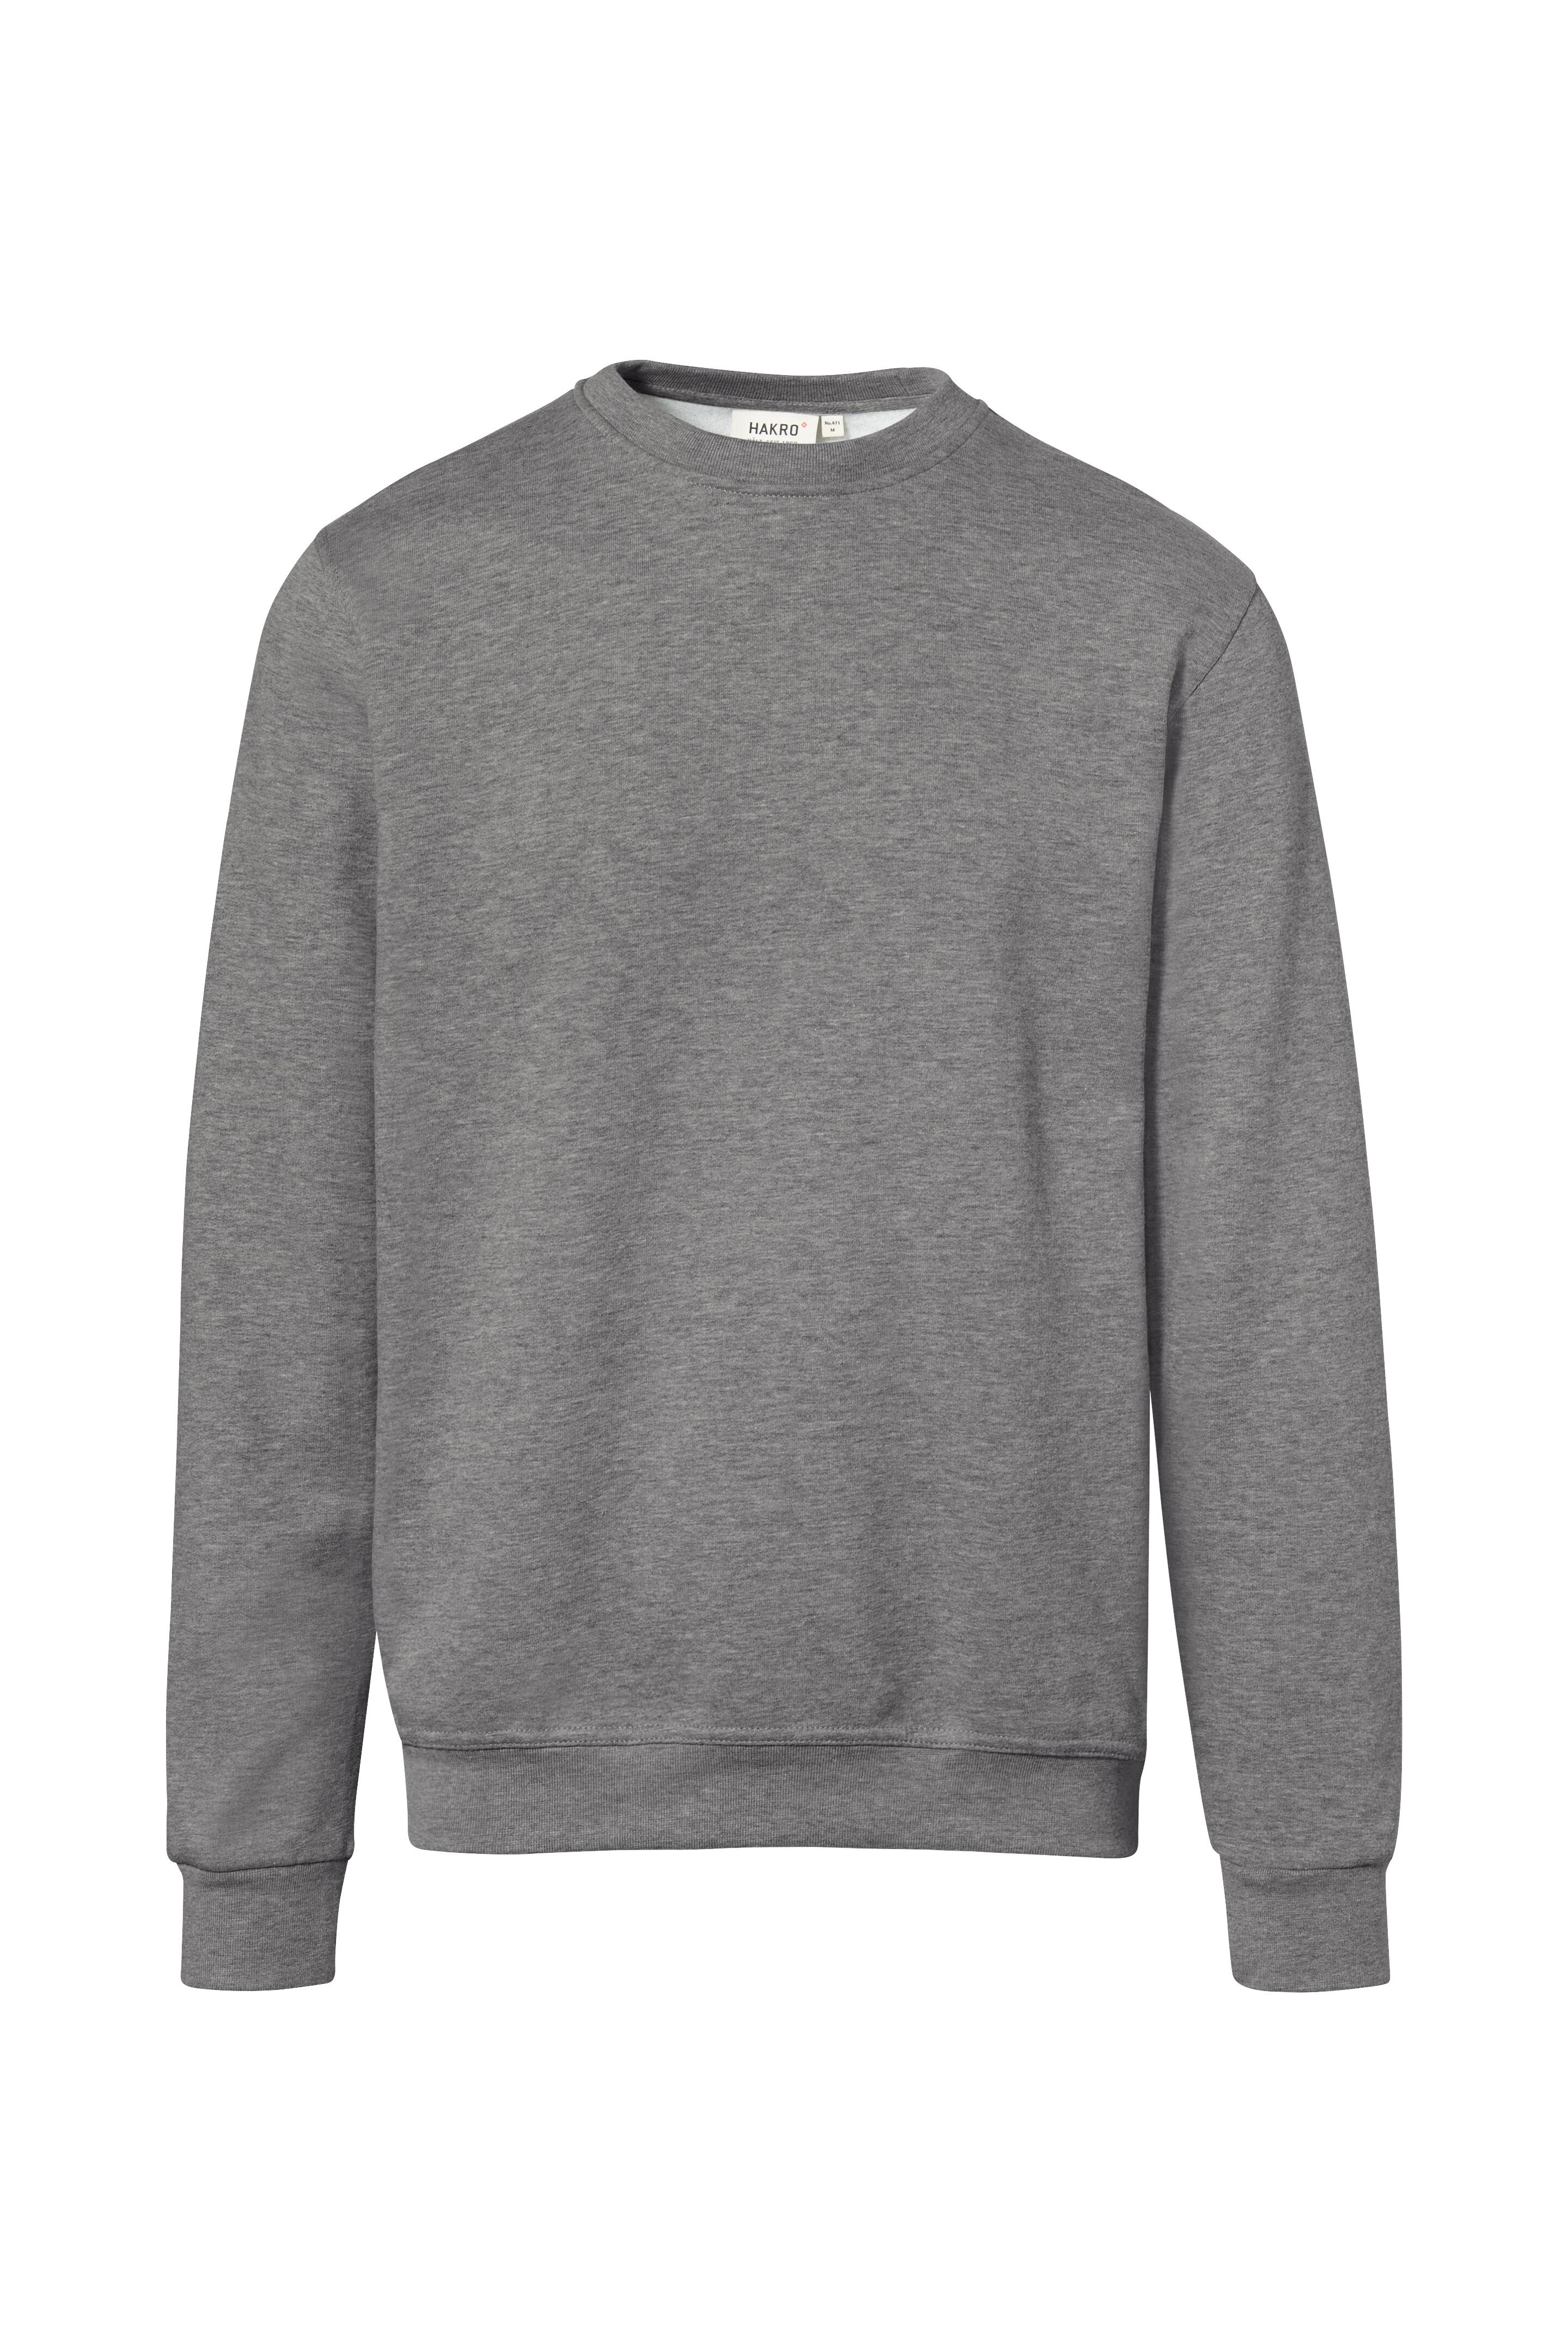 Sweatshirt, grau-meliert, Einstickung >Endress + Hauser< 3-fbg. weiß/schwarz/tinte